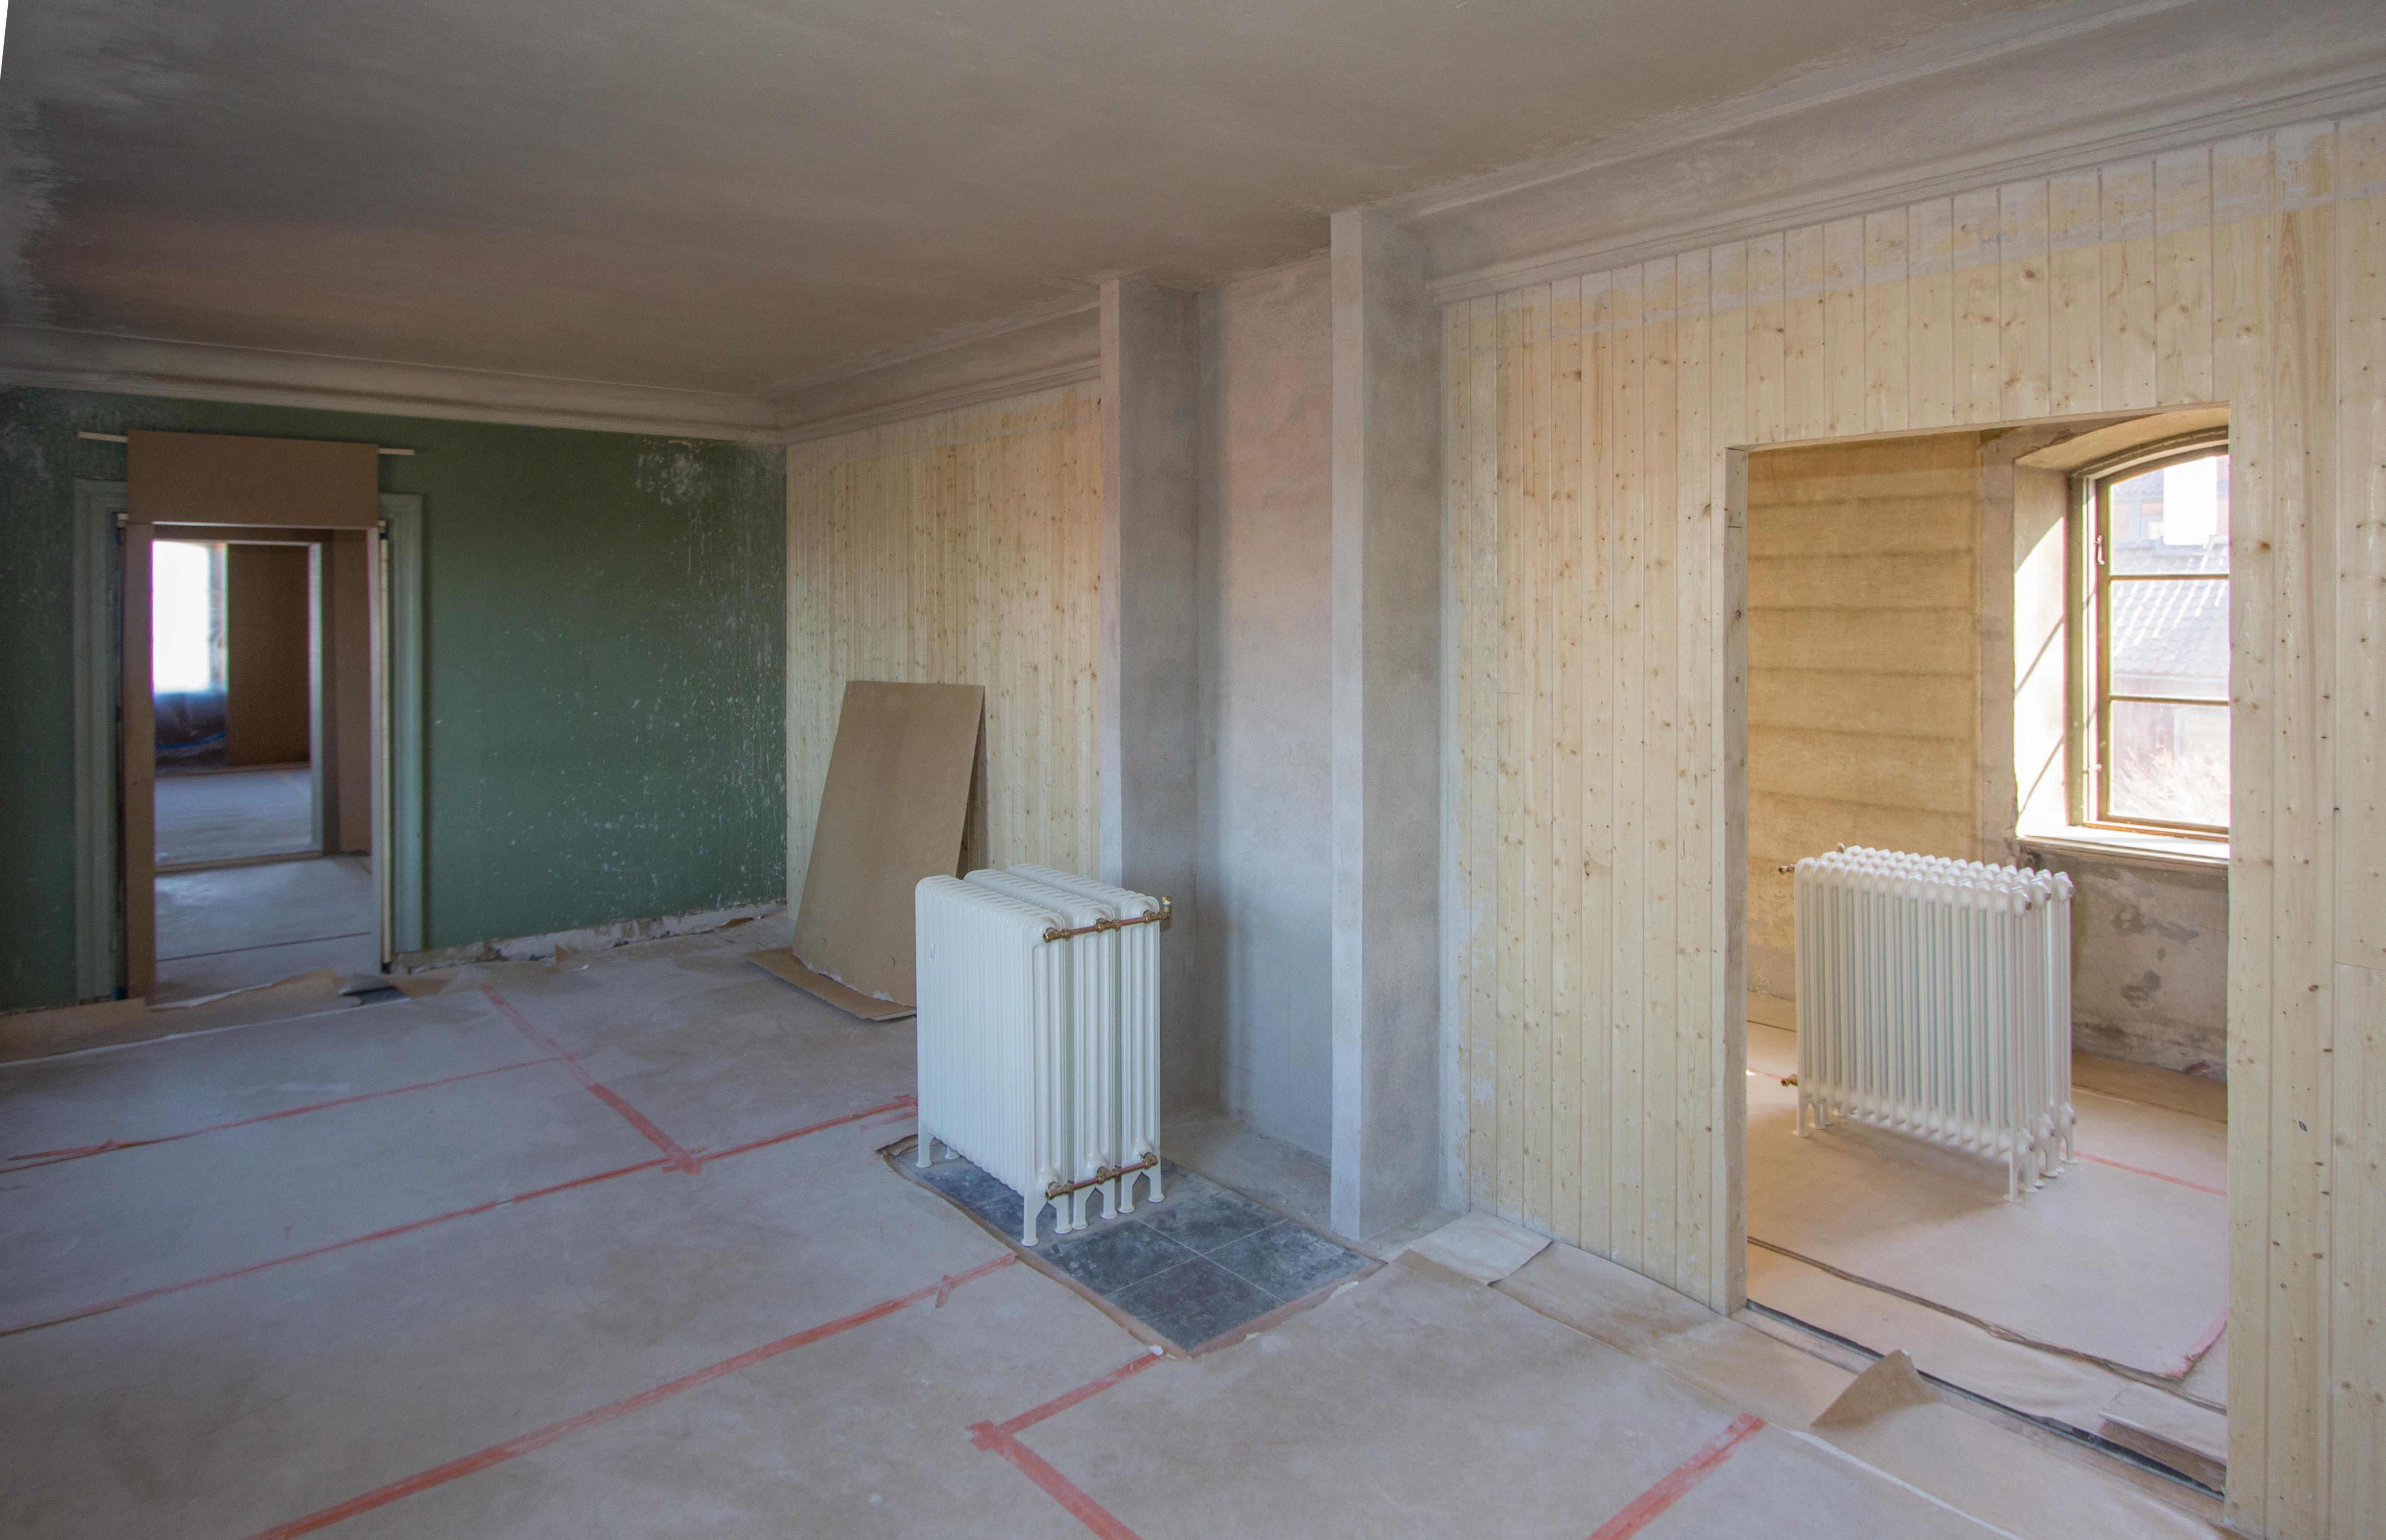 """Det nya """"Rummet öster om salen"""" under pågående byggnation, sett inifrån rummet. Genom den högra dörröppningen skymtar ytterligare ett nytt rum. Foto: Tomas Wiedersheim-Paul"""